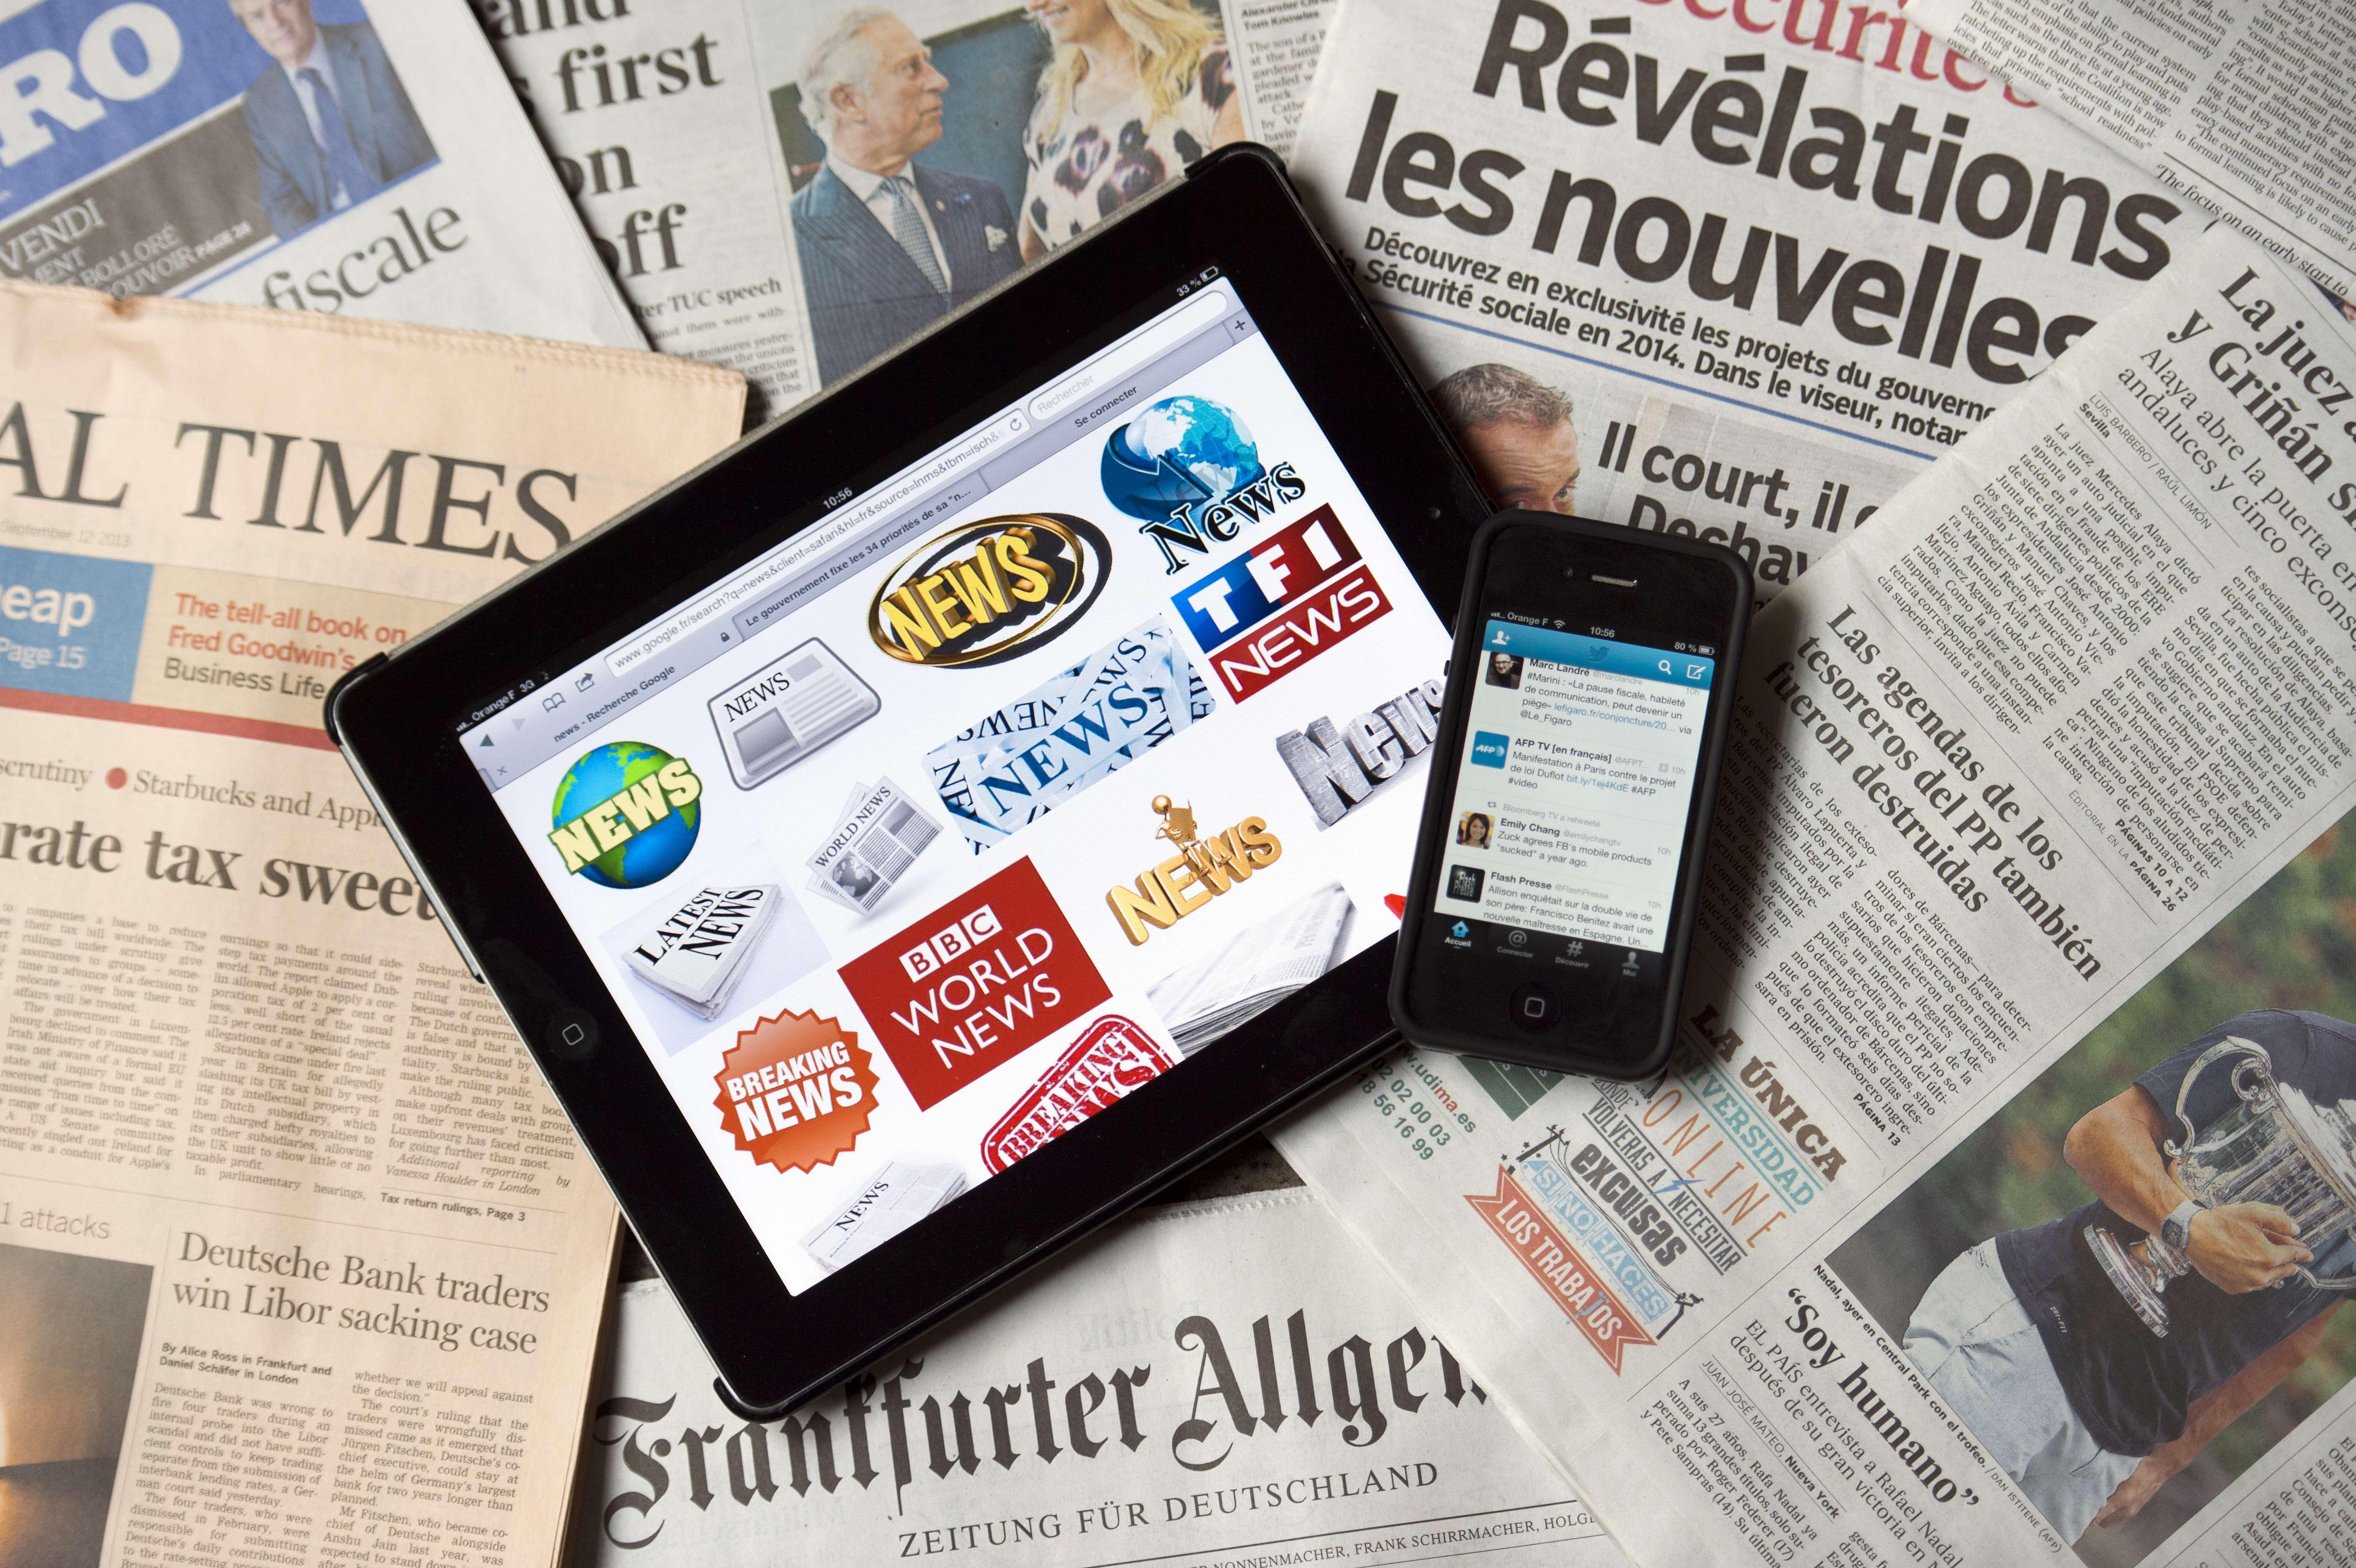 Ce ti se poate intampla daca faci cumparaturi online de pe tableta sau telefon. Magazinele SCHIMBA preturile dupa client